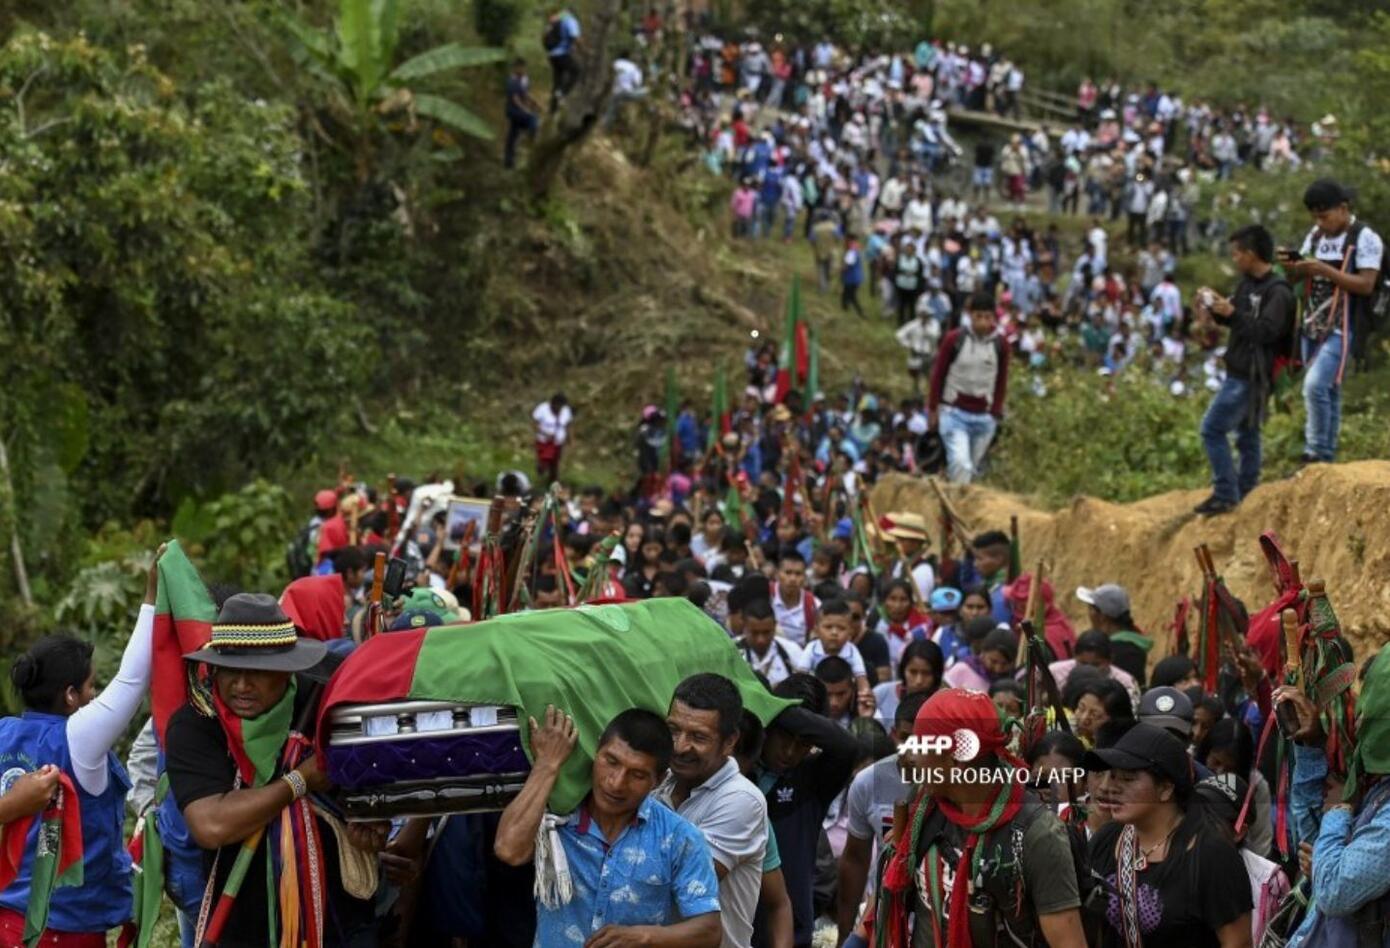 El departamento del Cauca se lo disputan los grupos armados por su posición estratégica para la salida de cocaína a Estados Unidos y la siembra de narcocultivos.